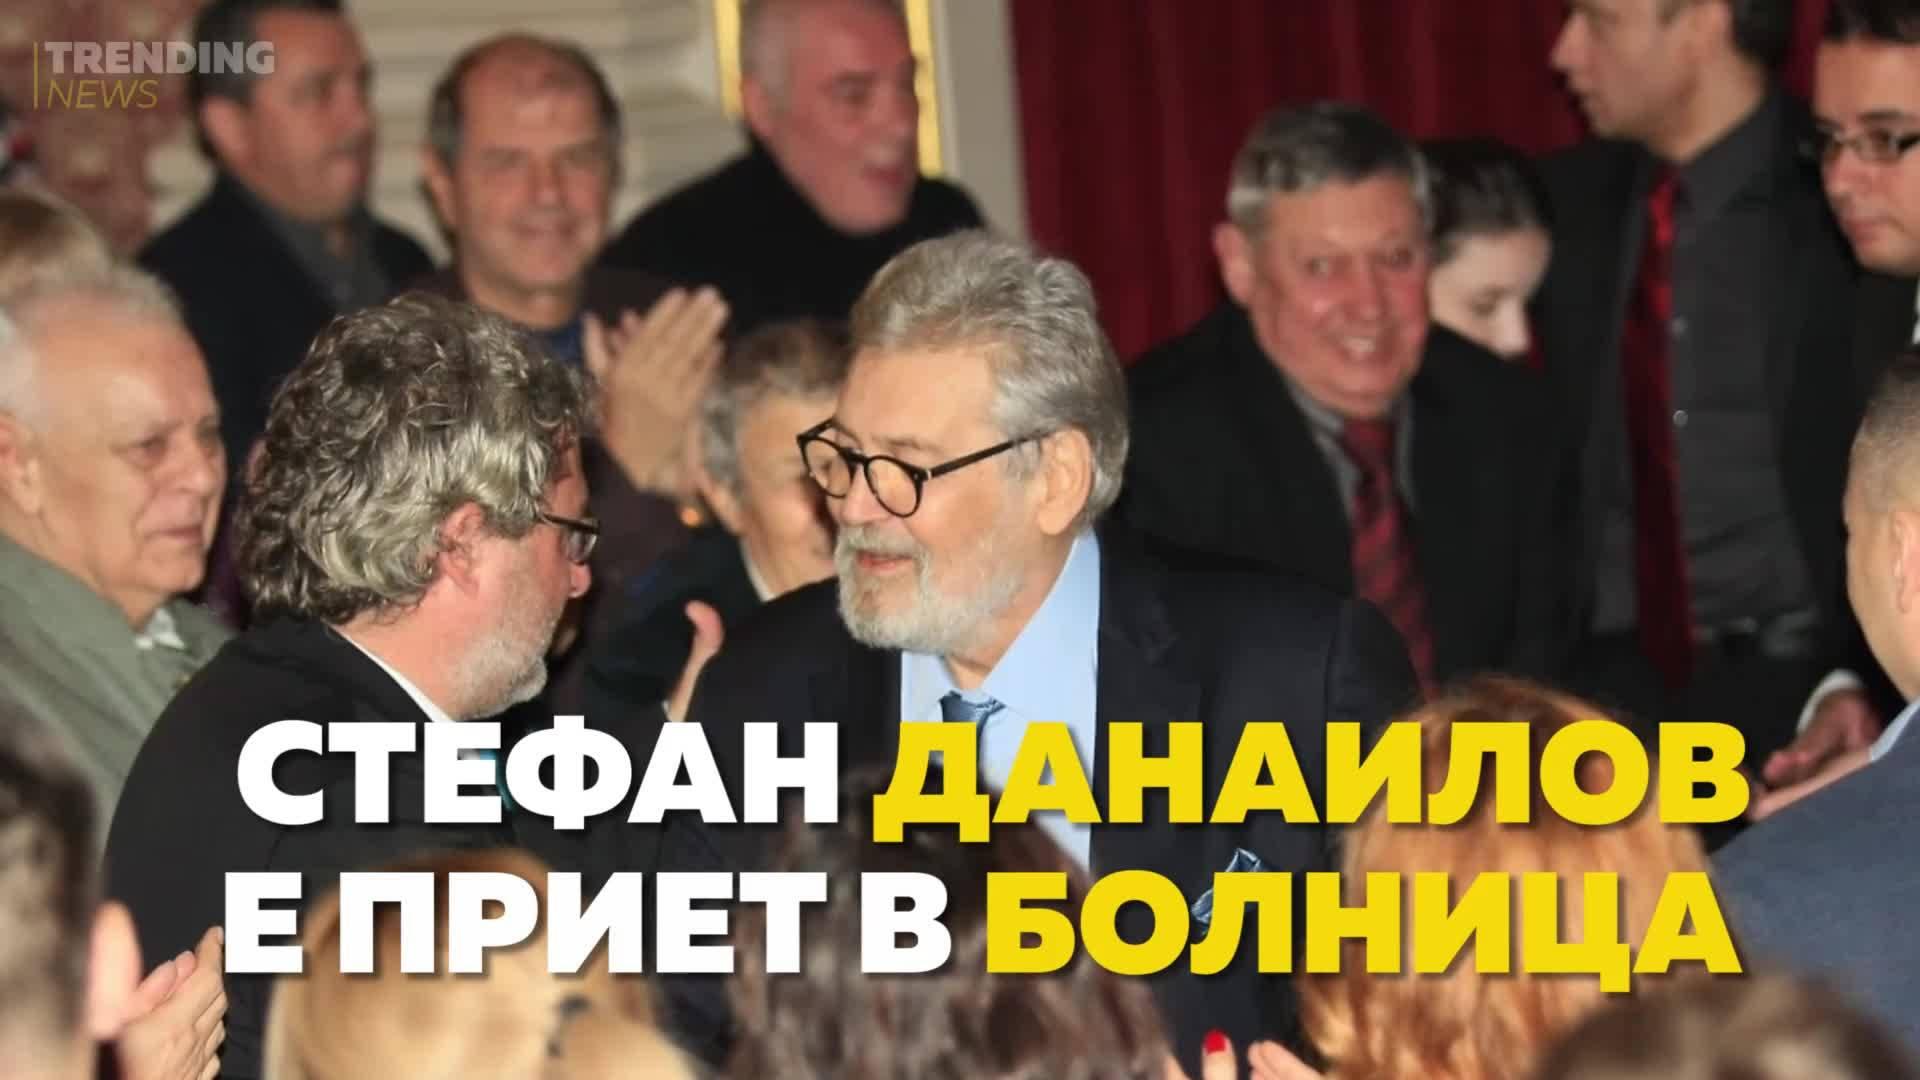 Стефан Данаилов е приет в болница